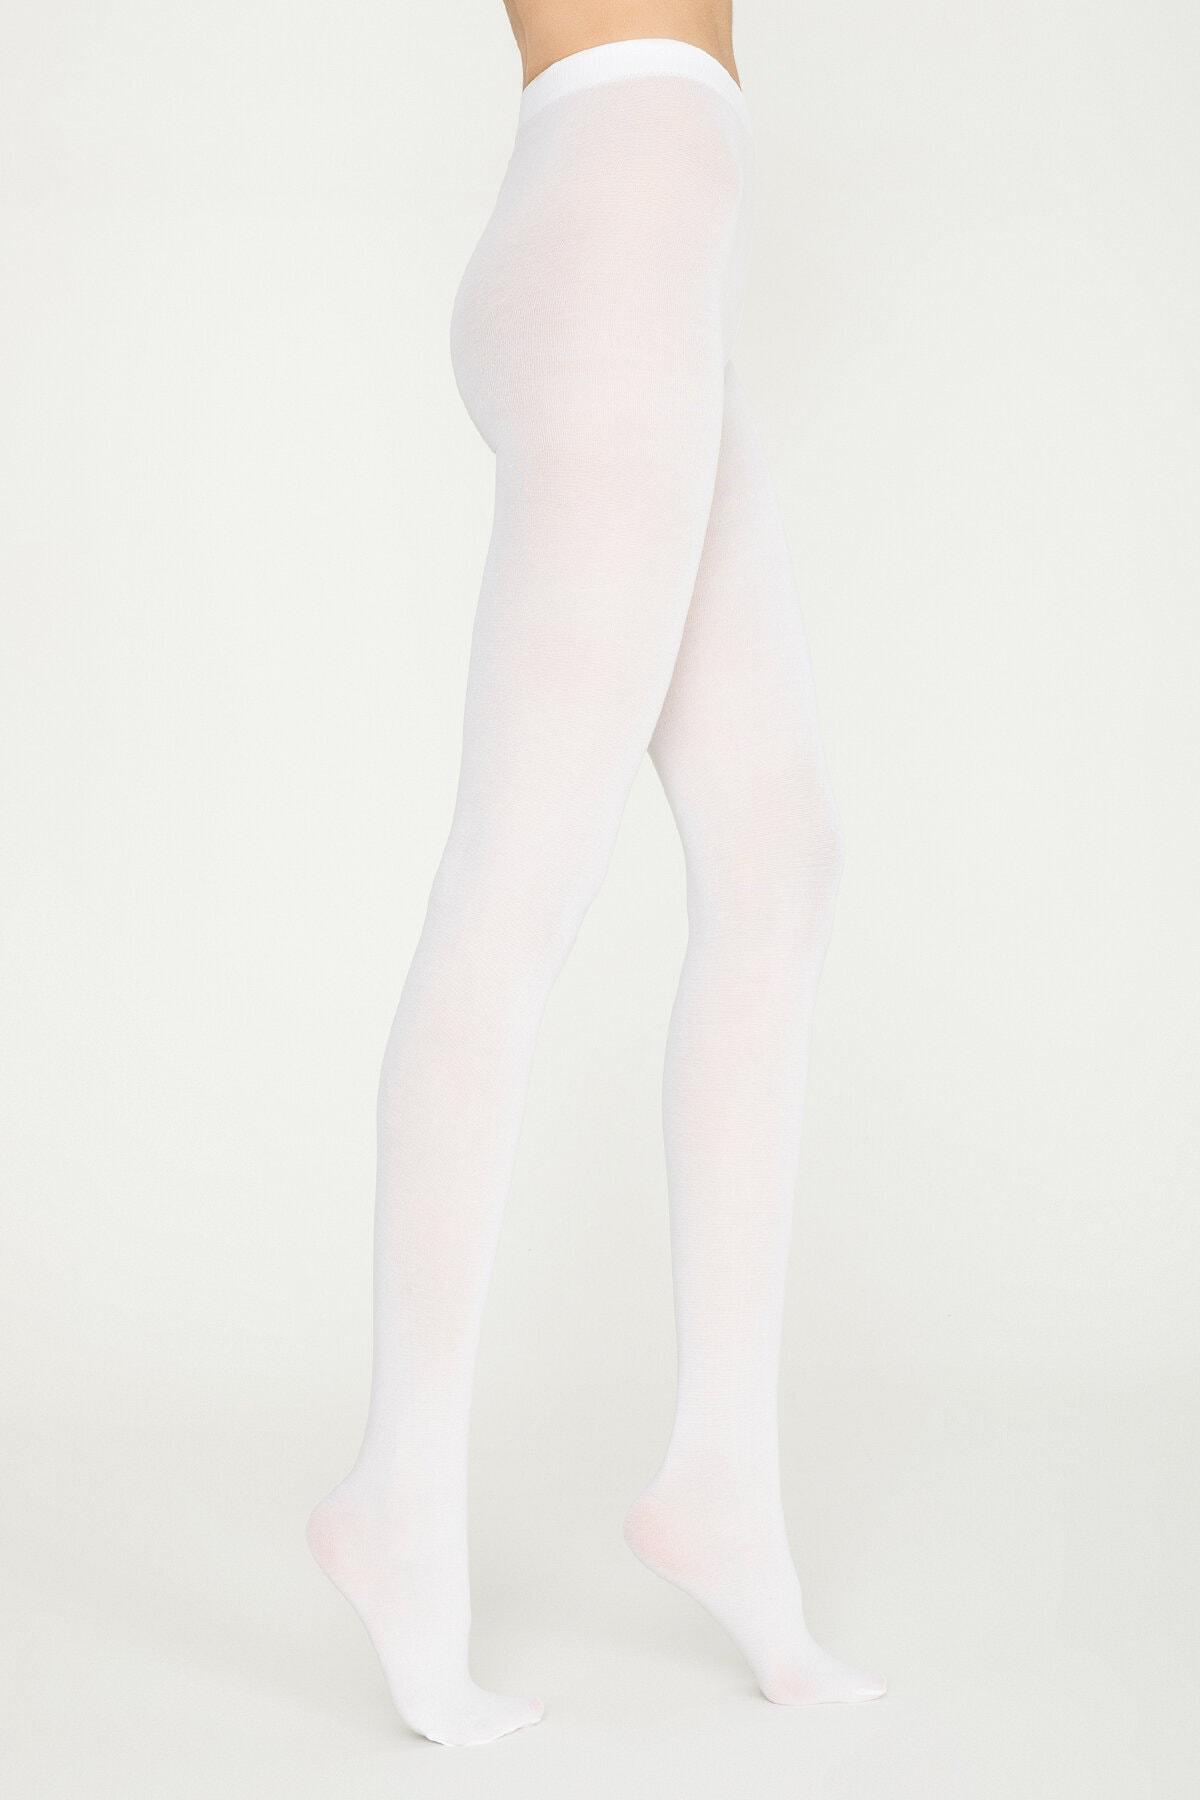 Penti Kadın Beyaz Koton Külotlu Çorap 0